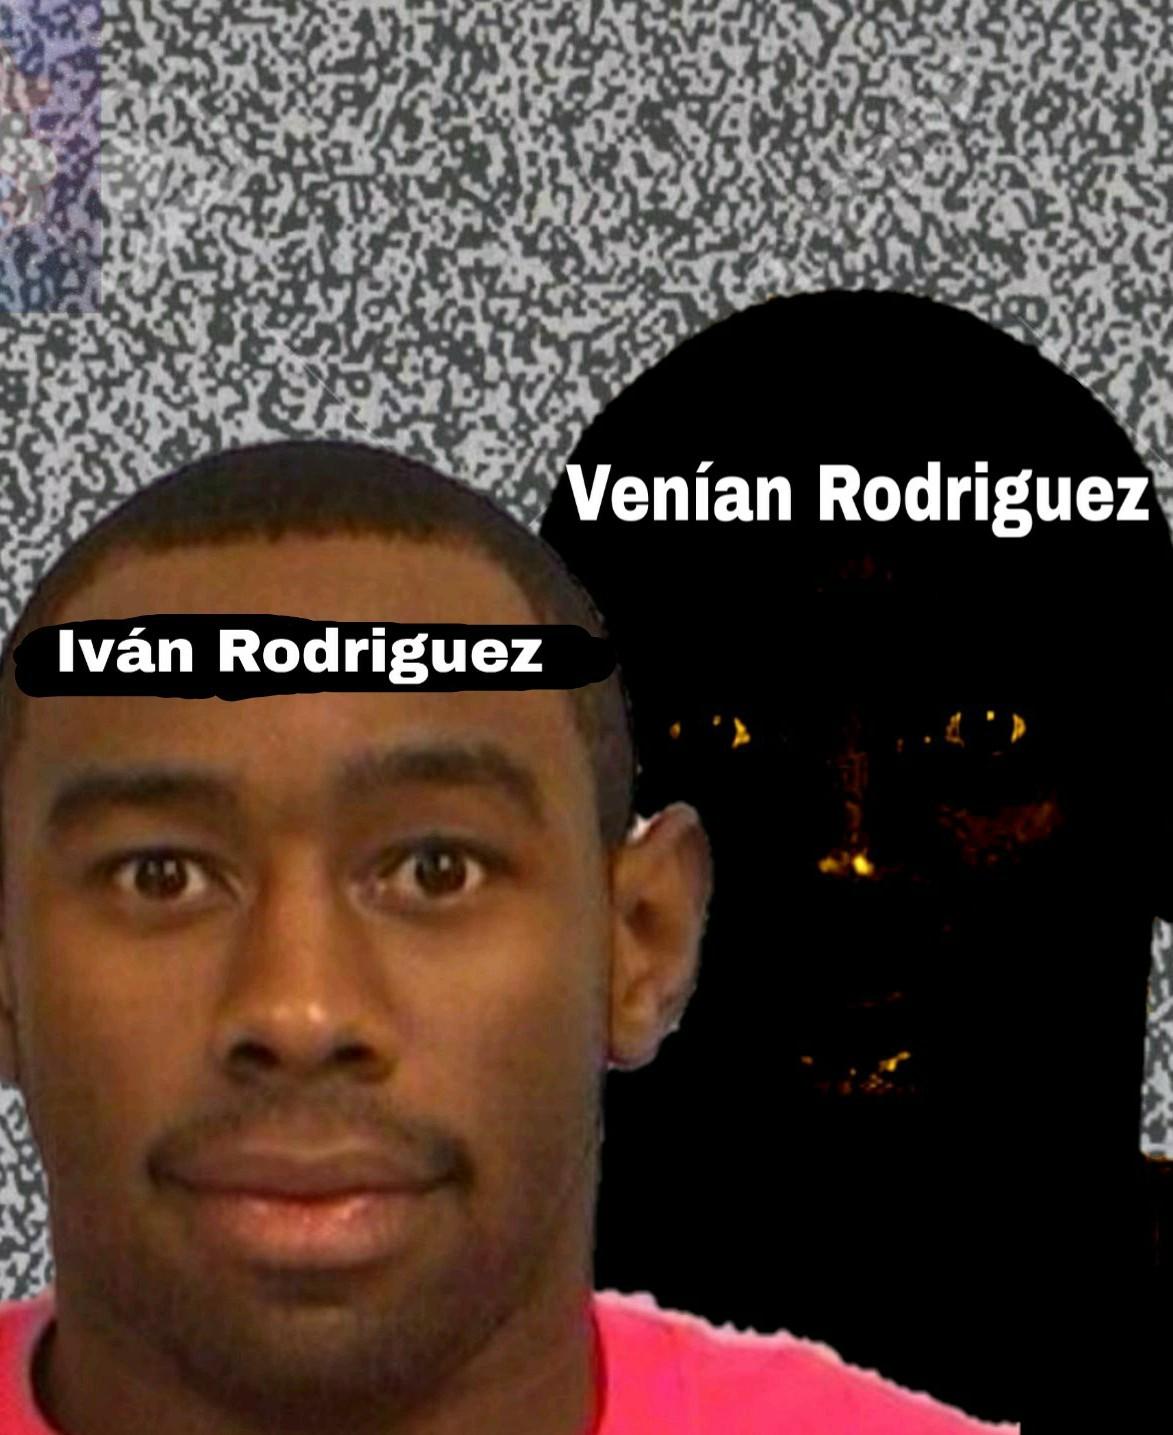 Iván y venían xD - meme